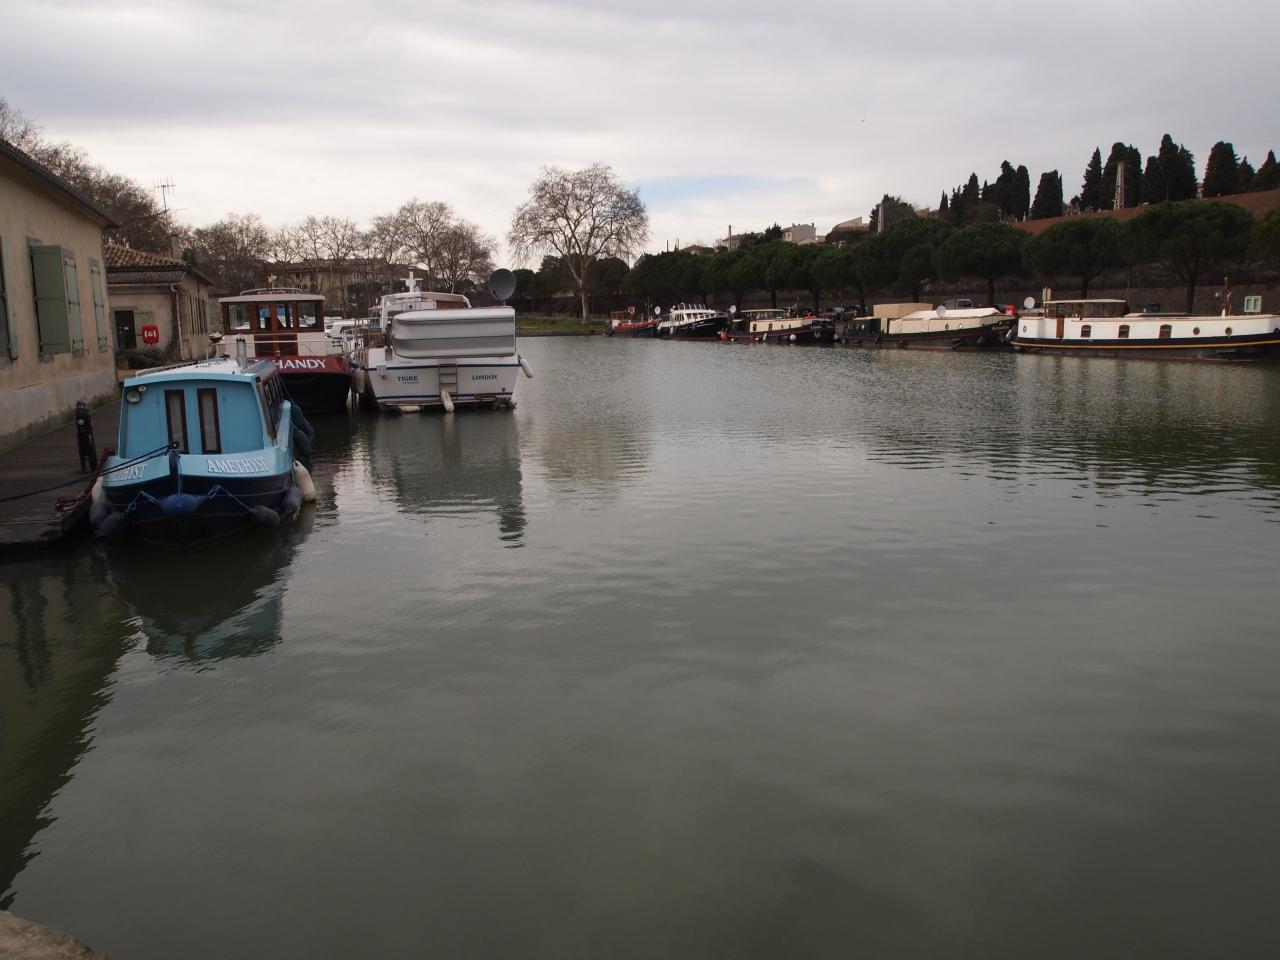 ミディ運河の画像 p1_20